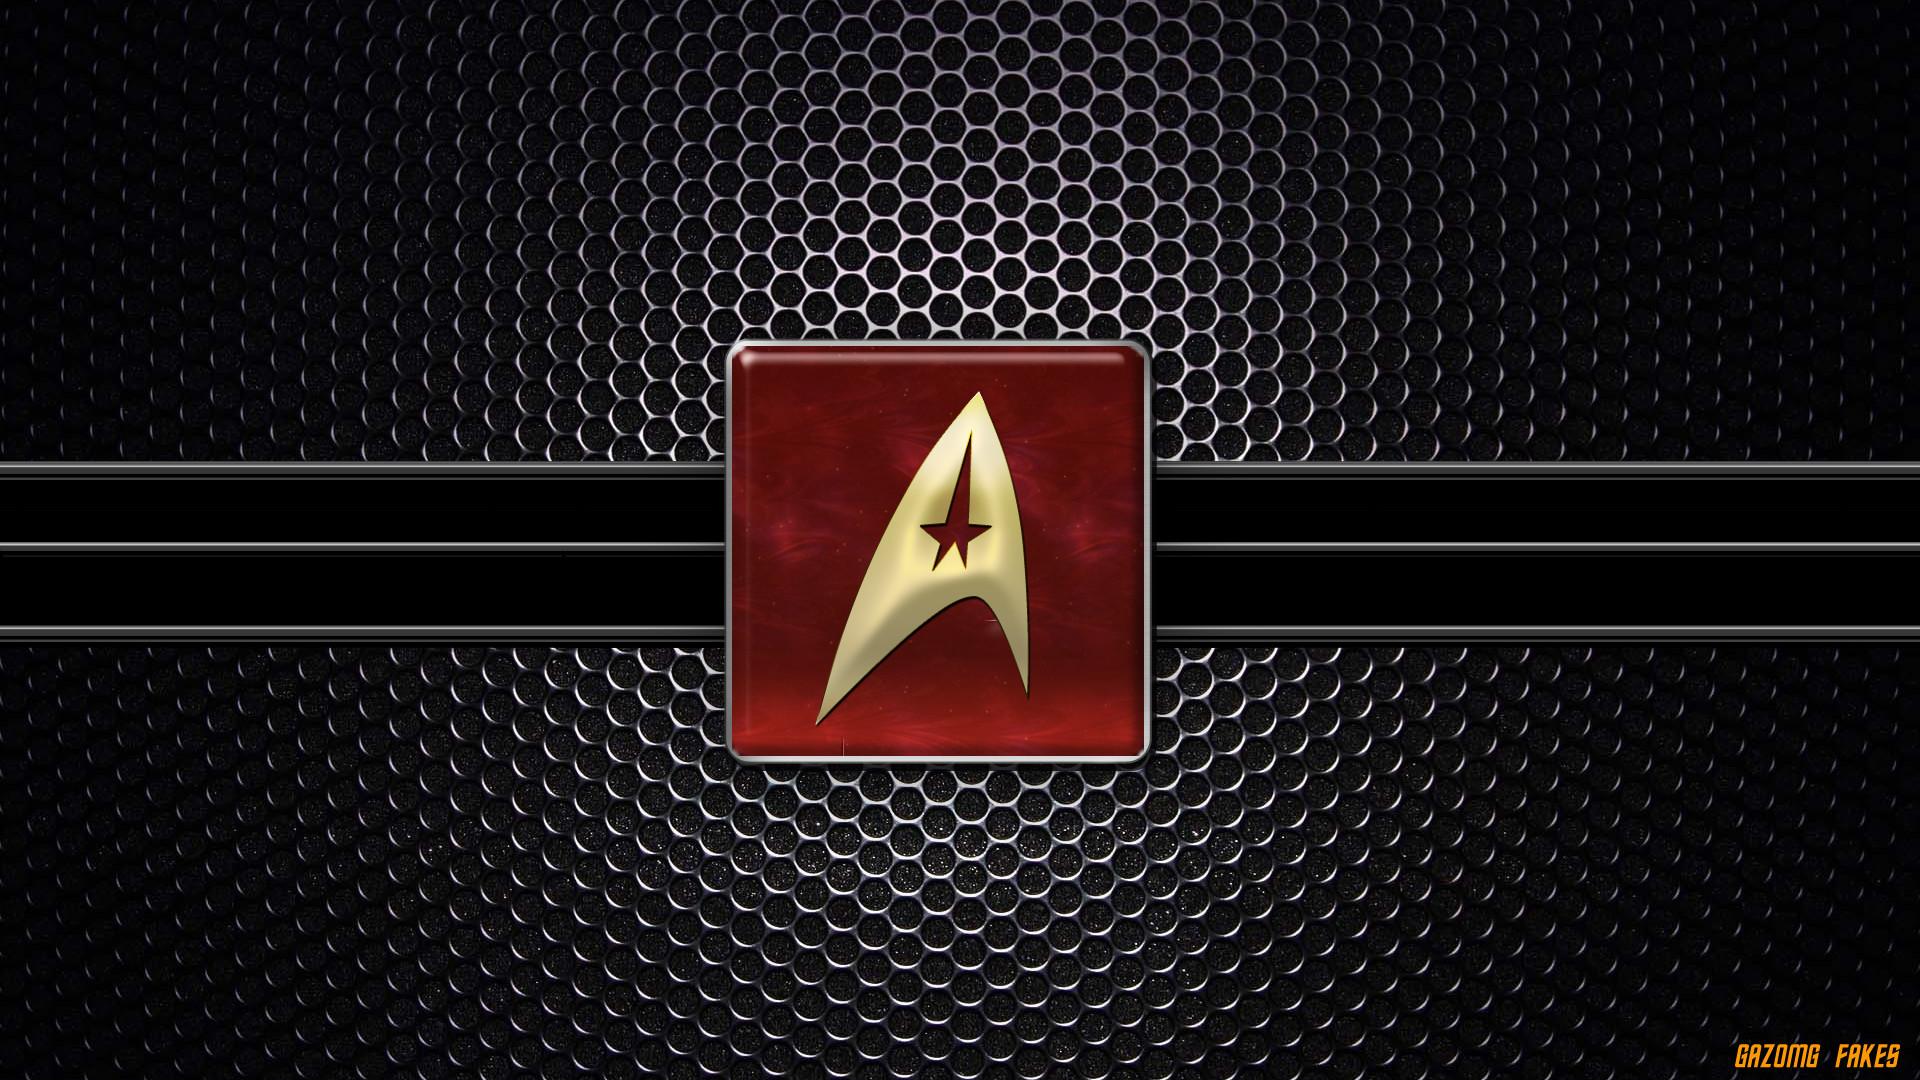 Starfleet logo Wallpaper by gazomg on DeviantArt